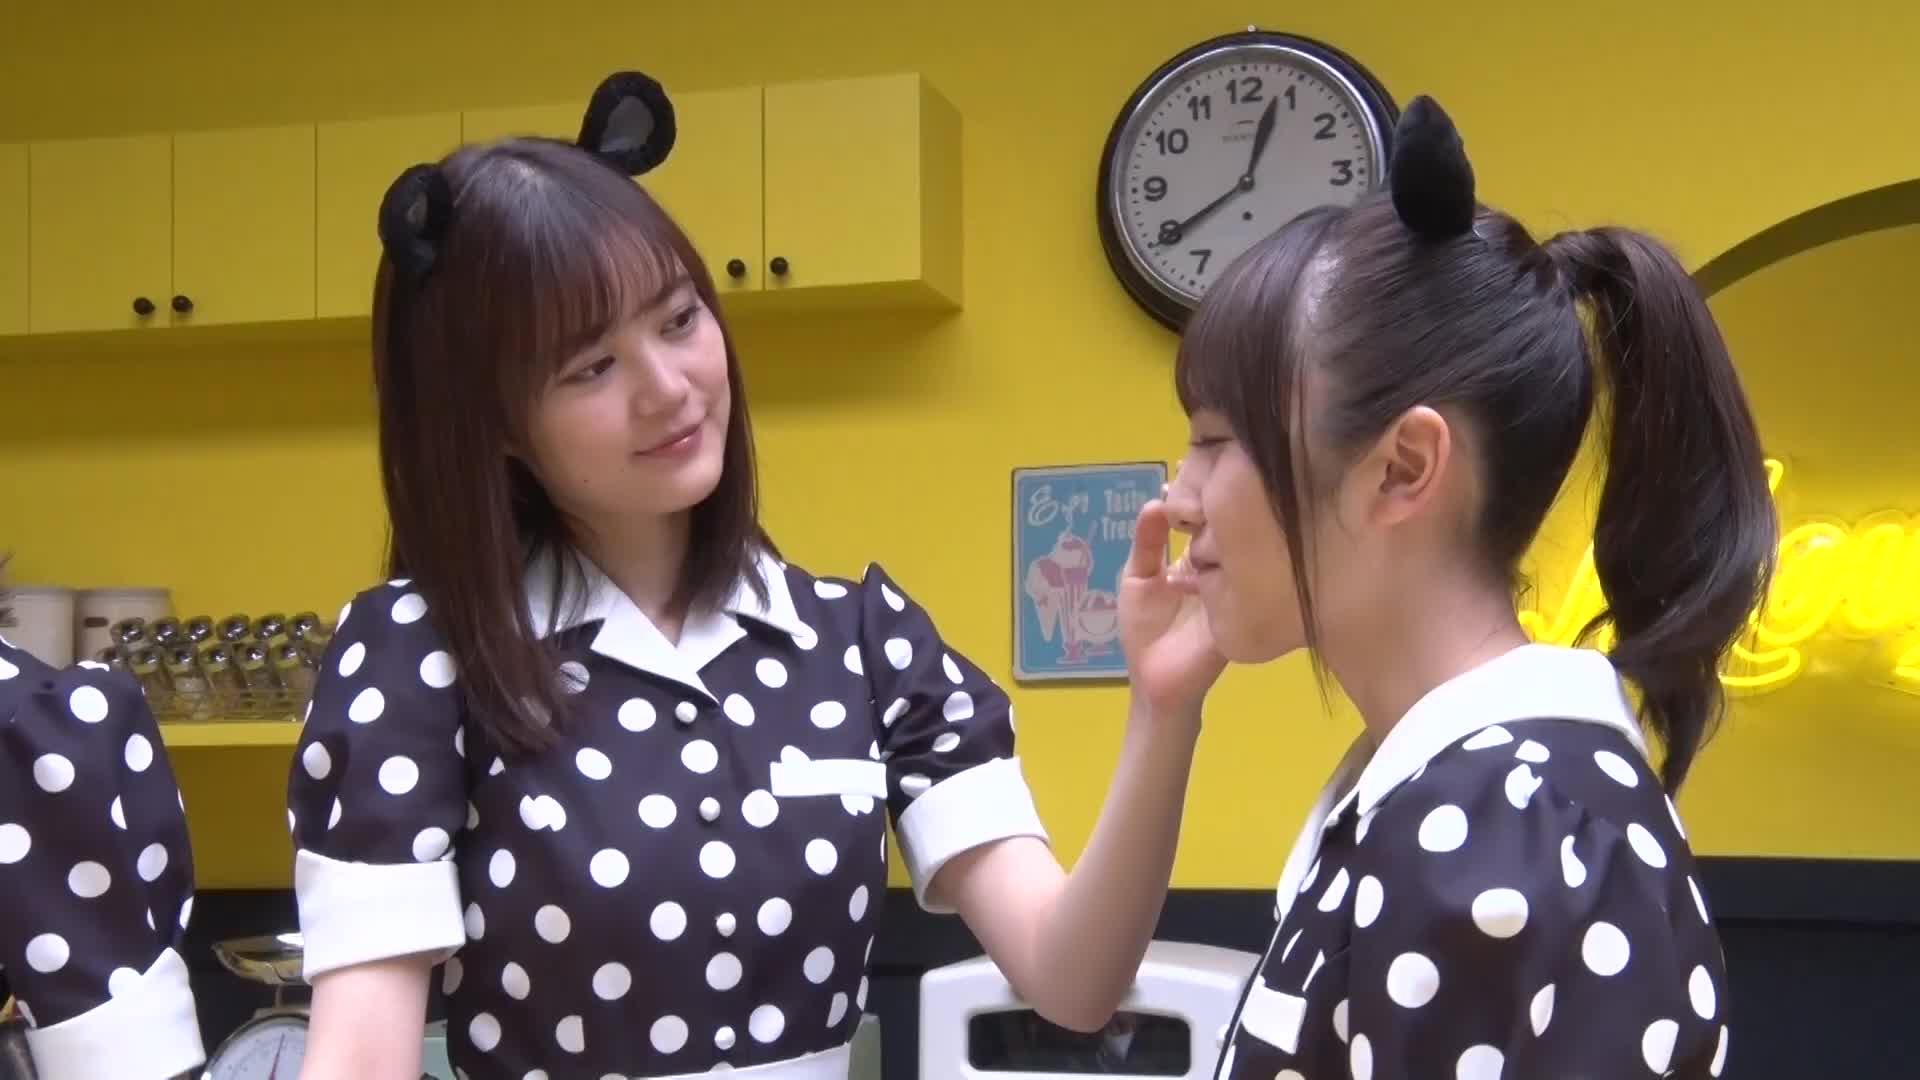 ikuta erika, nogizaka46, yoda yuki, Ikuta Yoda GIFs